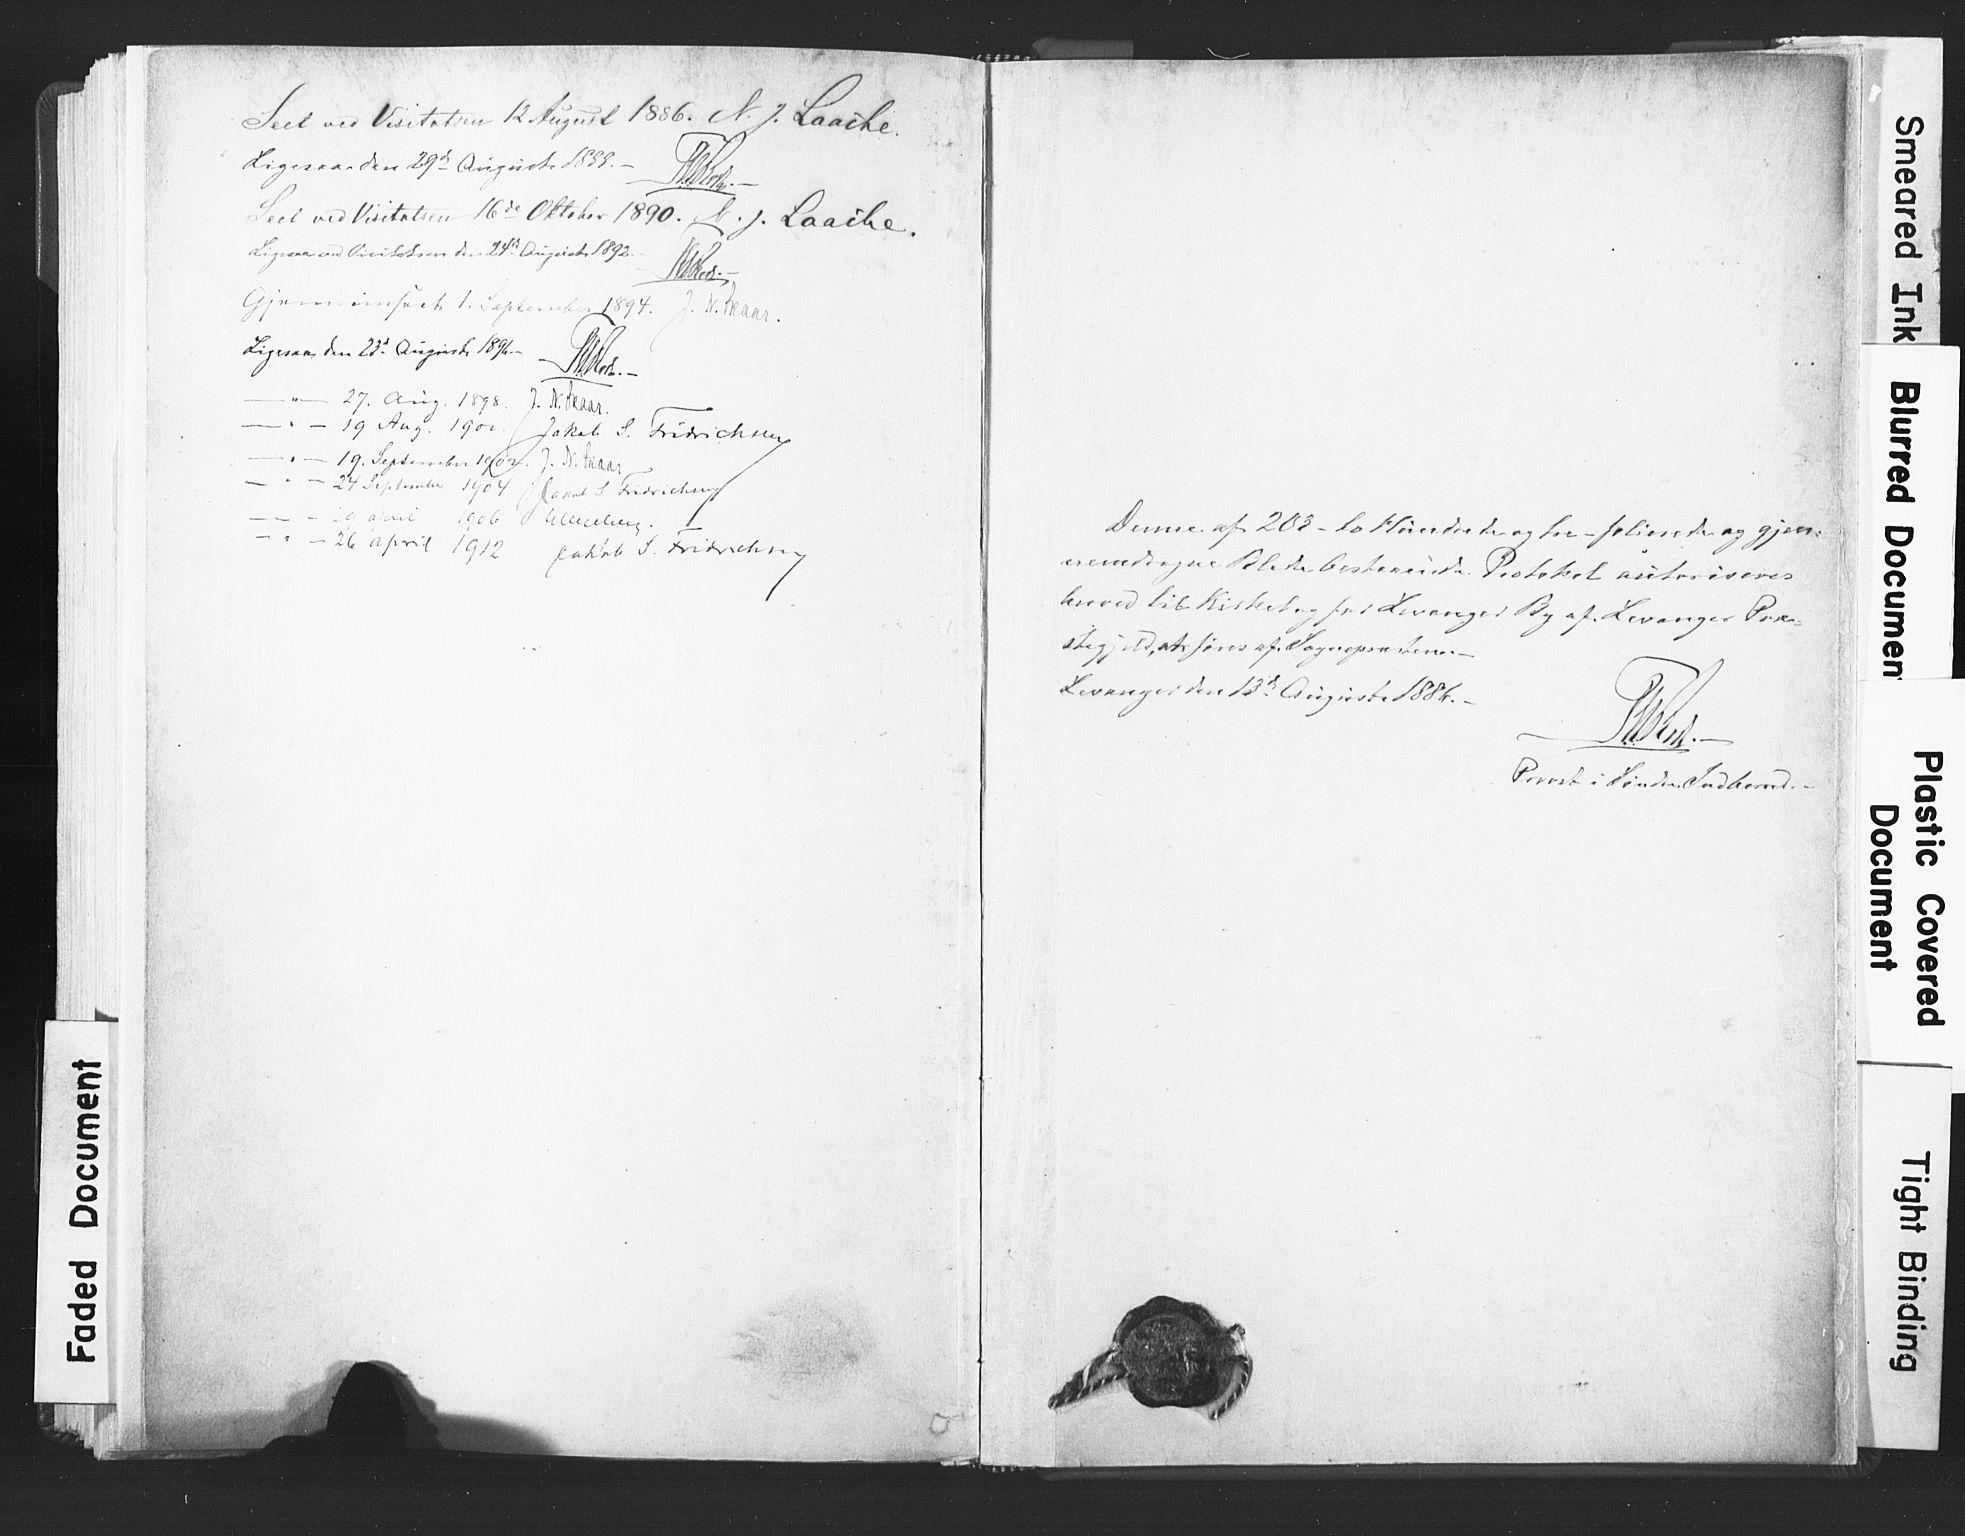 SAT, Ministerialprotokoller, klokkerbøker og fødselsregistre - Nord-Trøndelag, 720/L0189: Ministerialbok nr. 720A05, 1880-1911